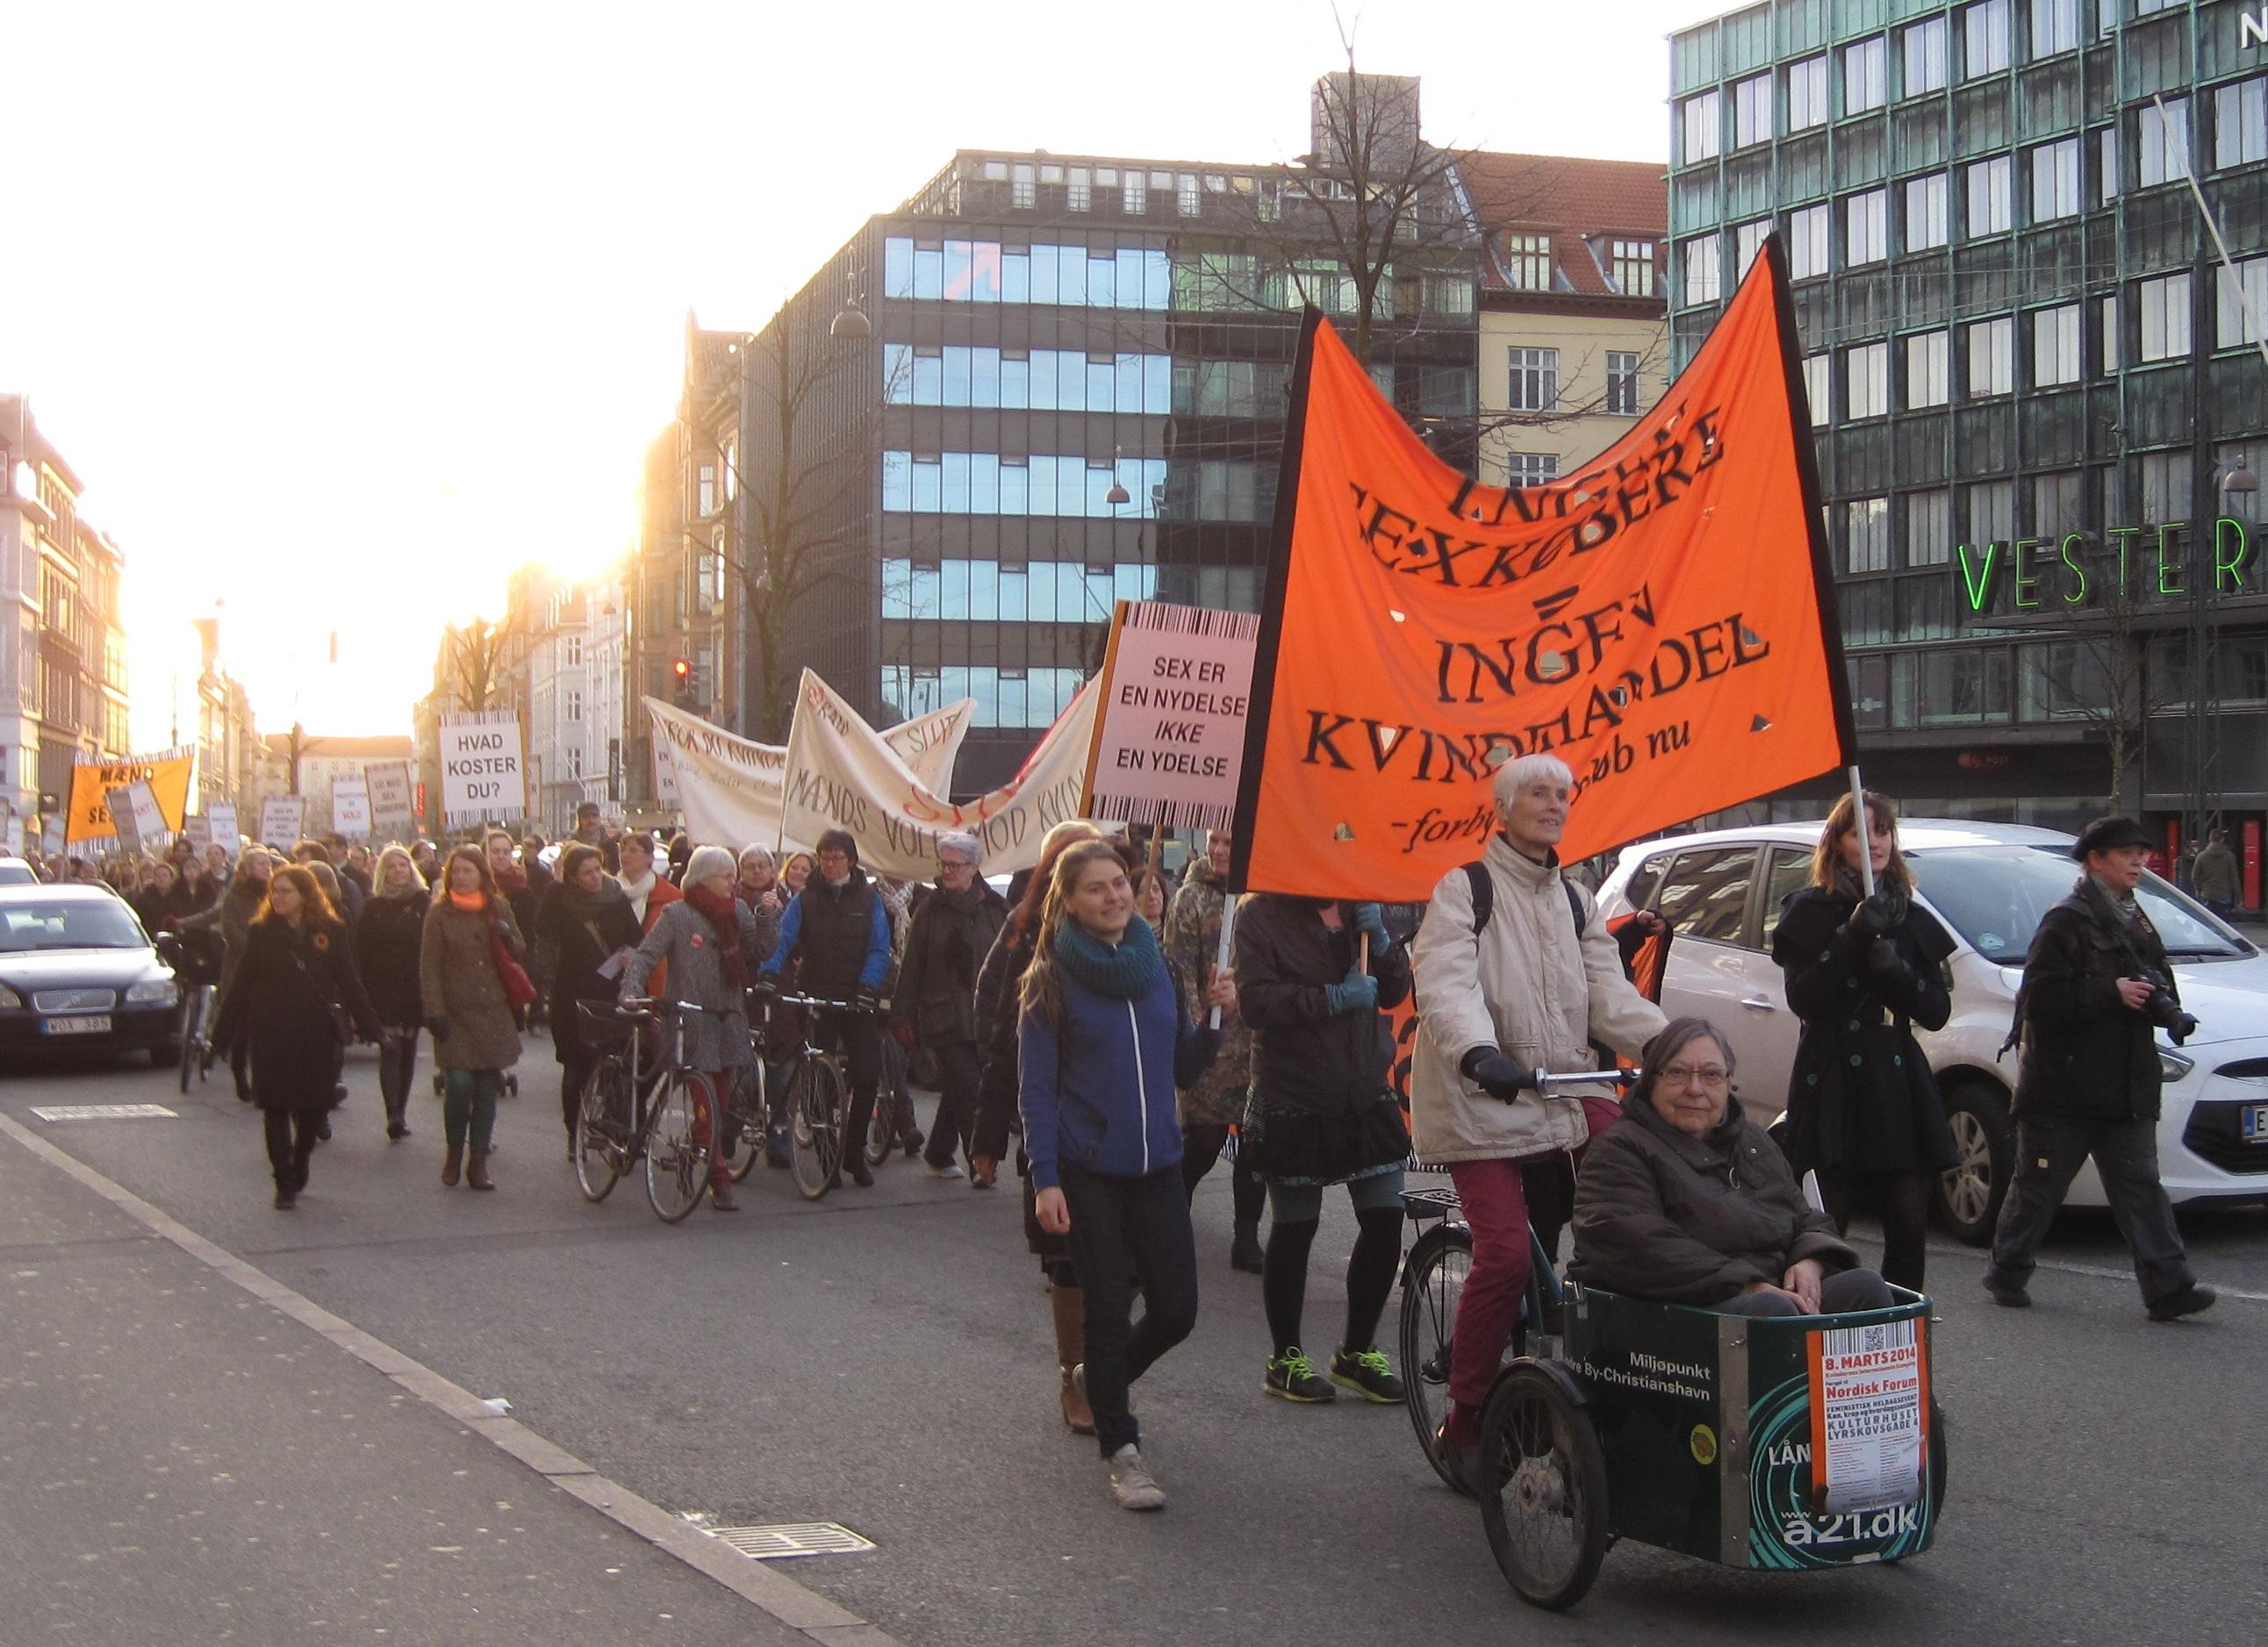 Vold Mod Kvinder En Eu Undersøgelse København